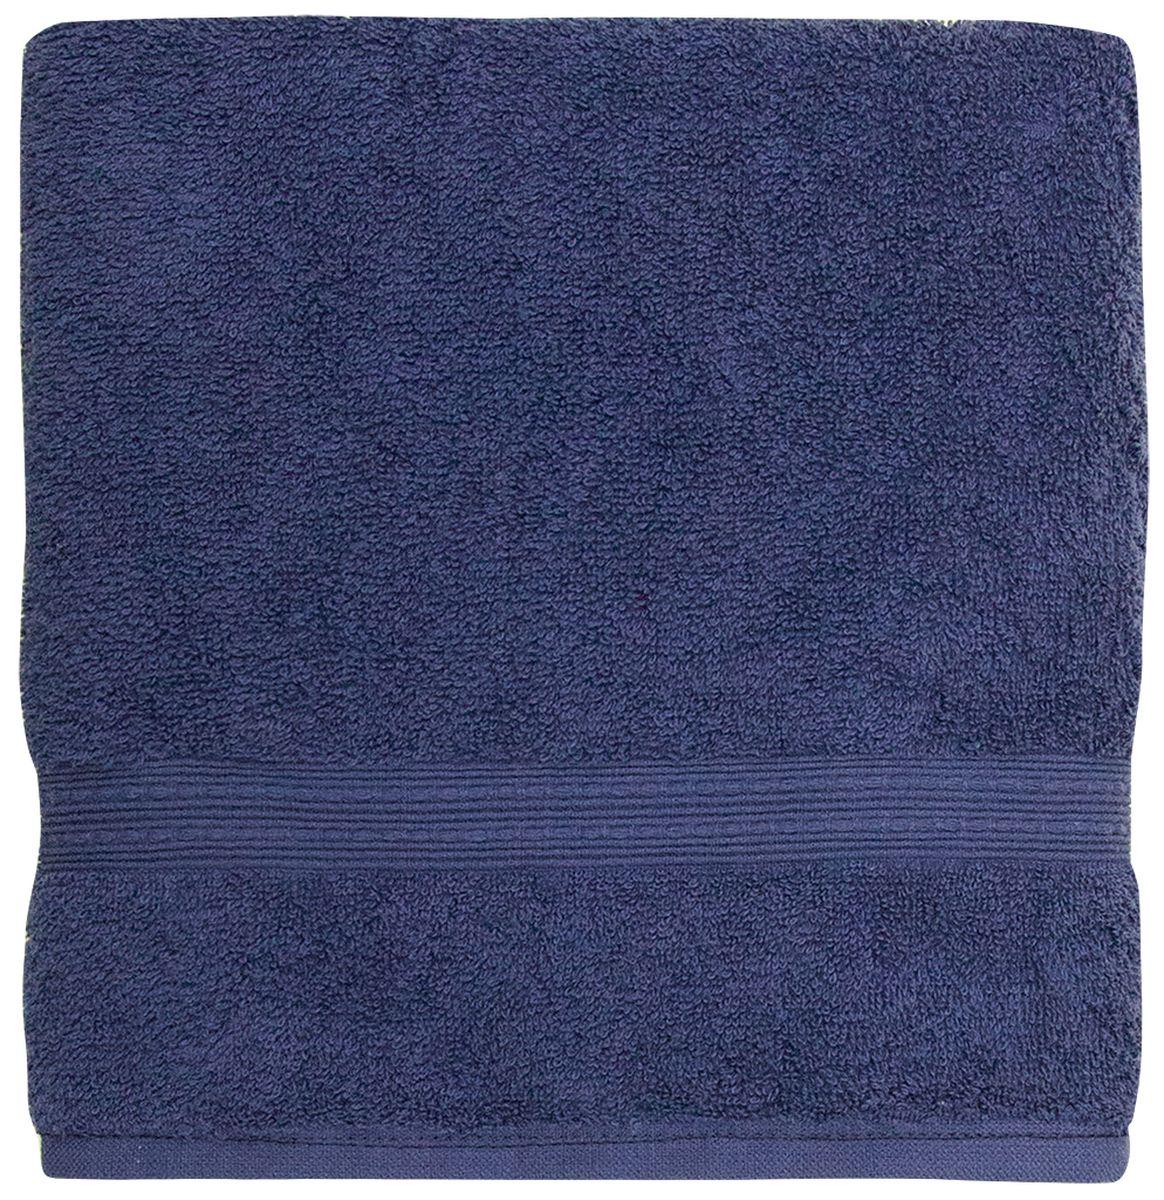 Полотенце банное Bonita Classic, махровое, цвет: сапфир, 50 x 90 см1011217220Полотенце банное 50*90 Bonita Classic, махровое